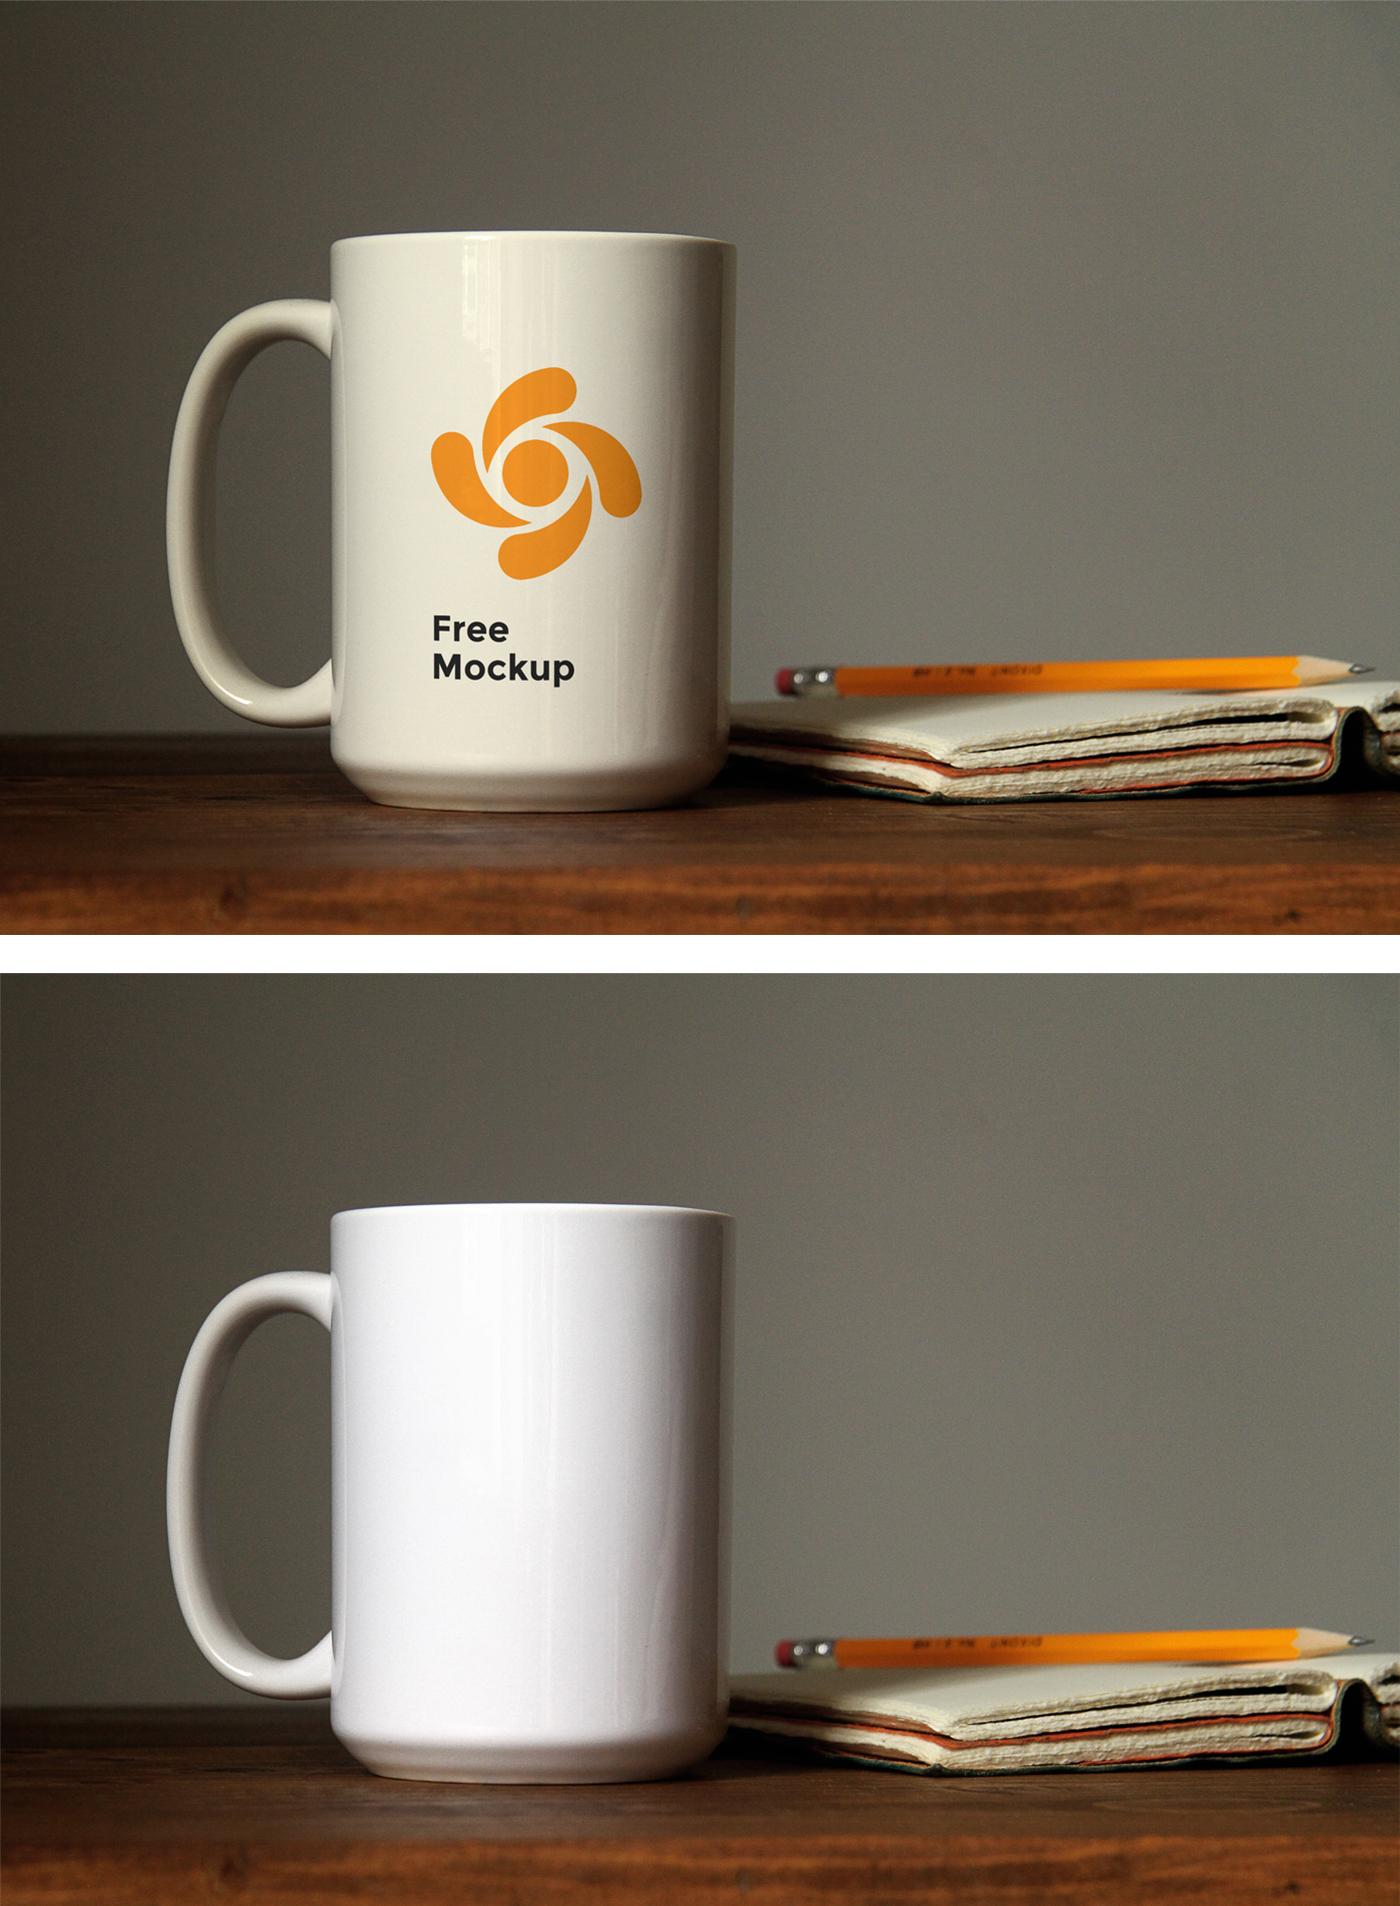 Mug Mockup on Table